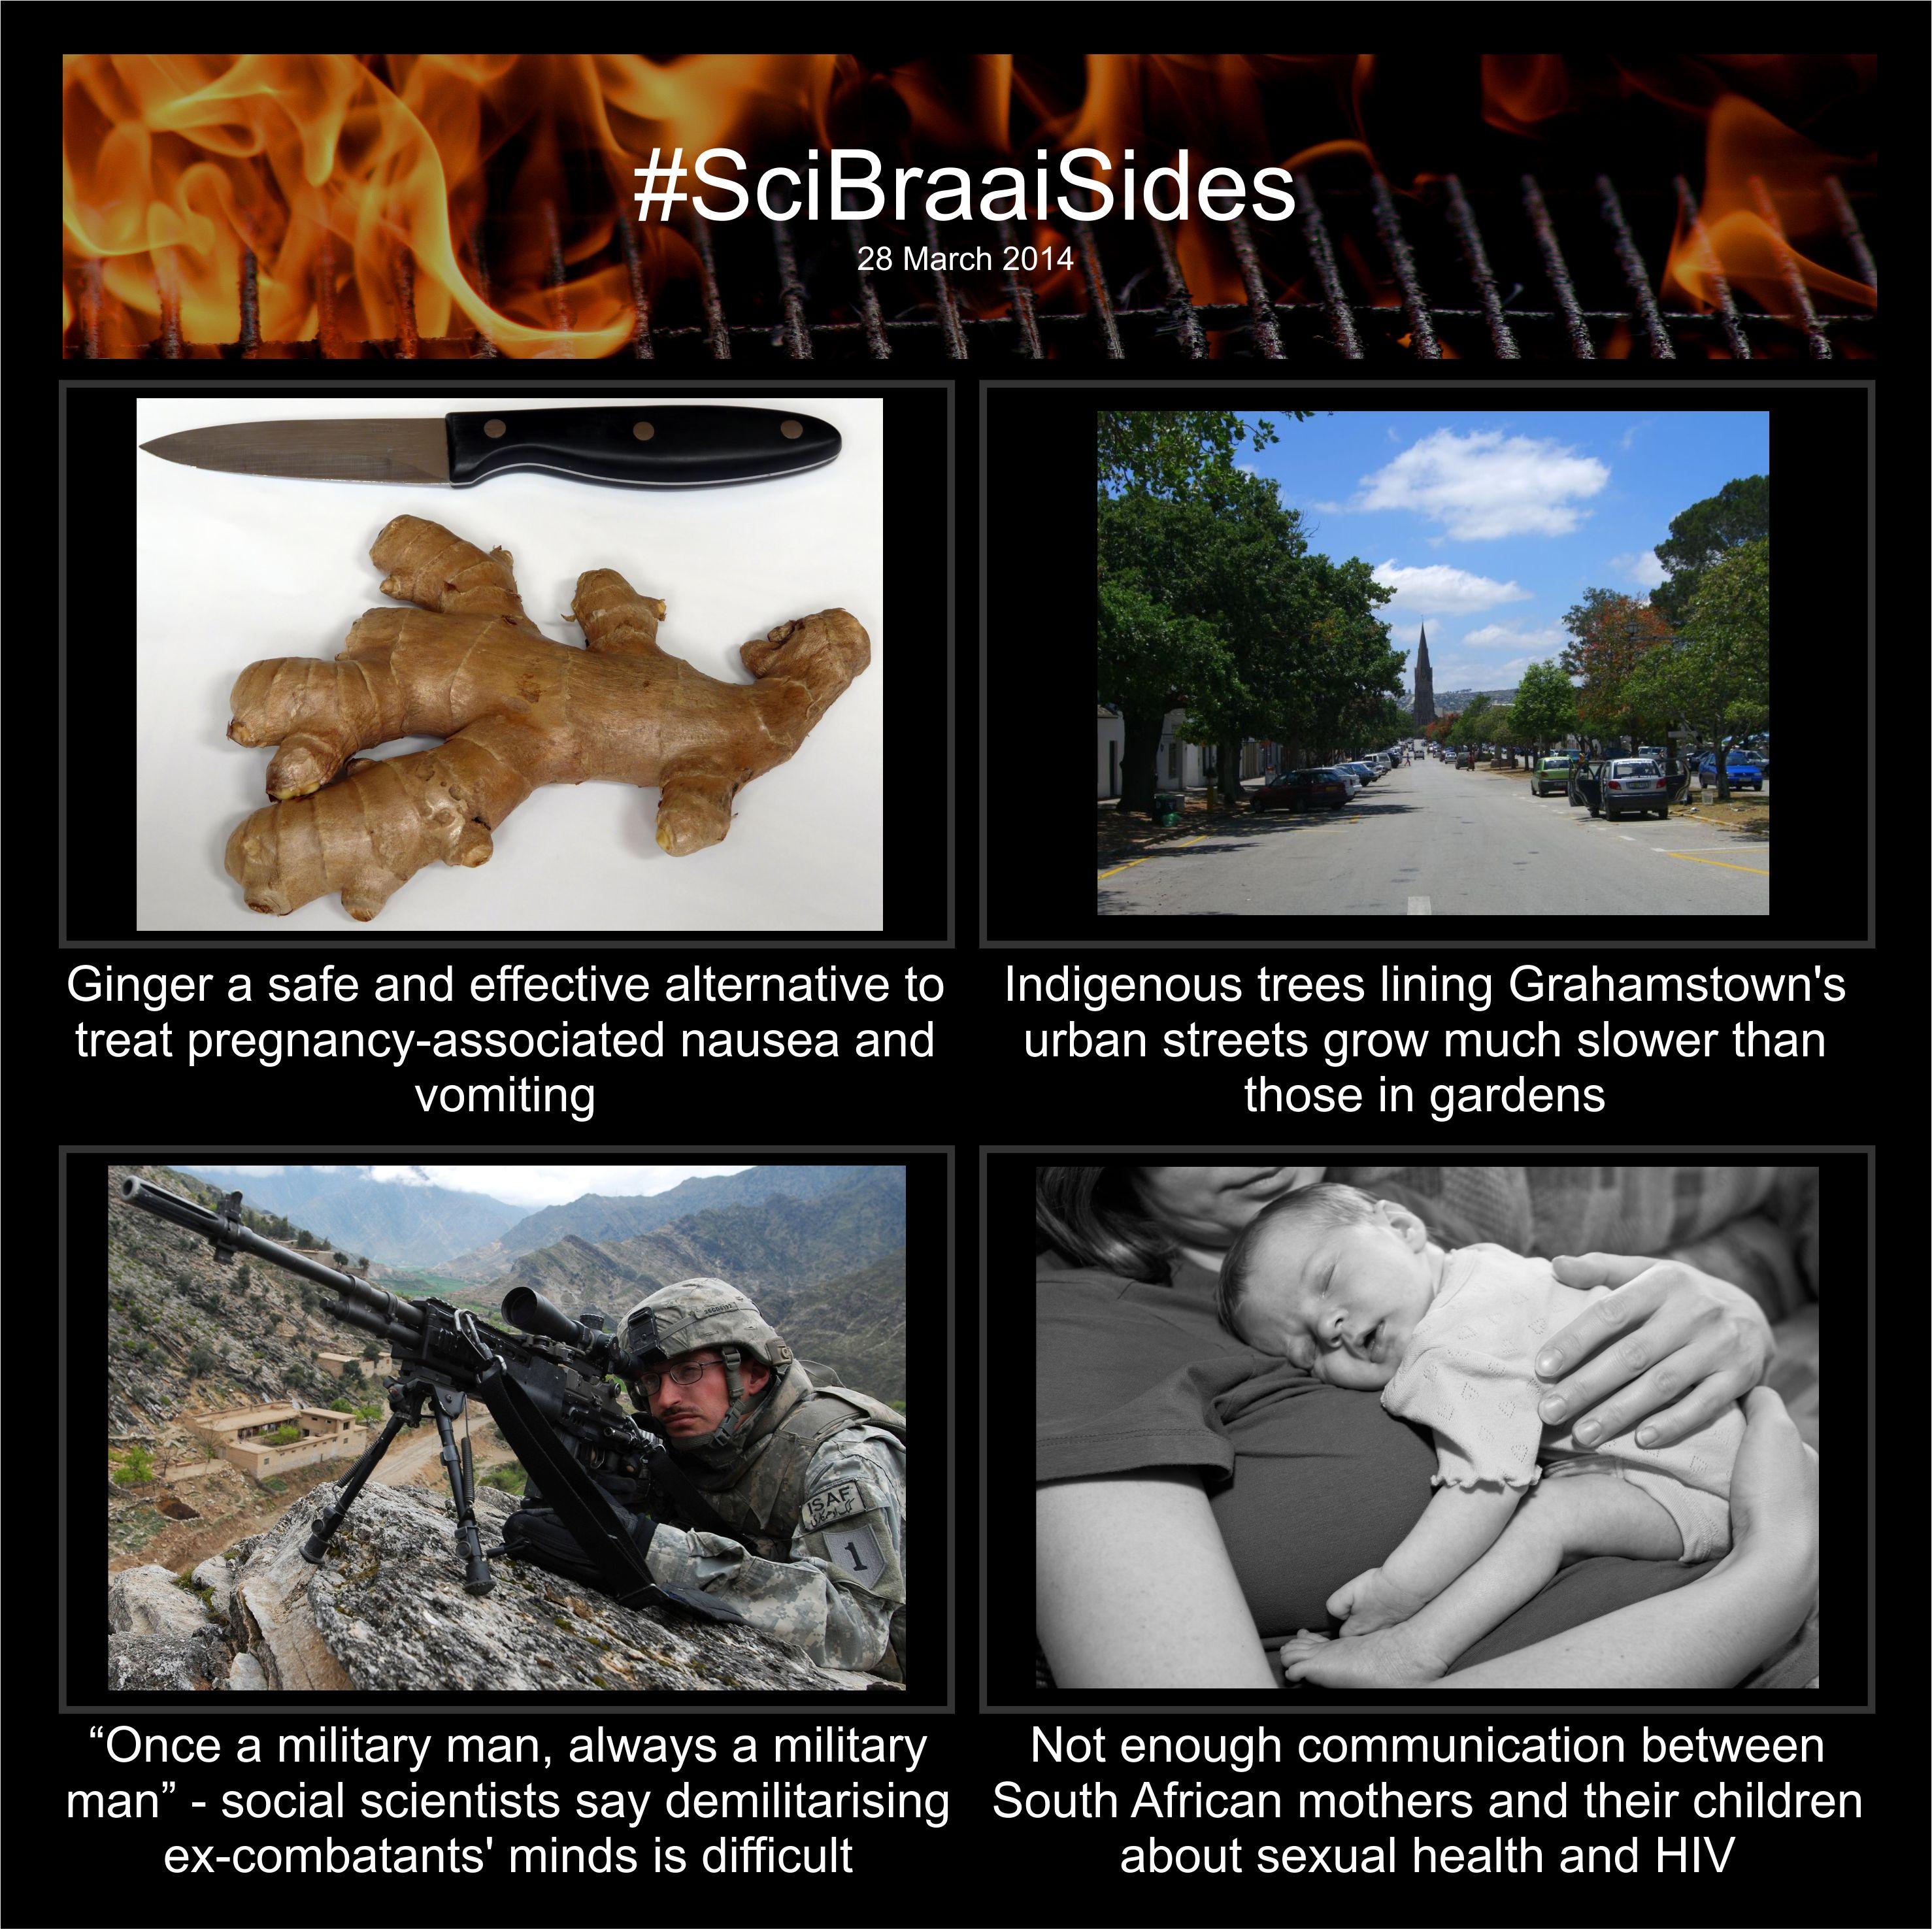 SciBraaiSides 28 March 2014 » SciBraai